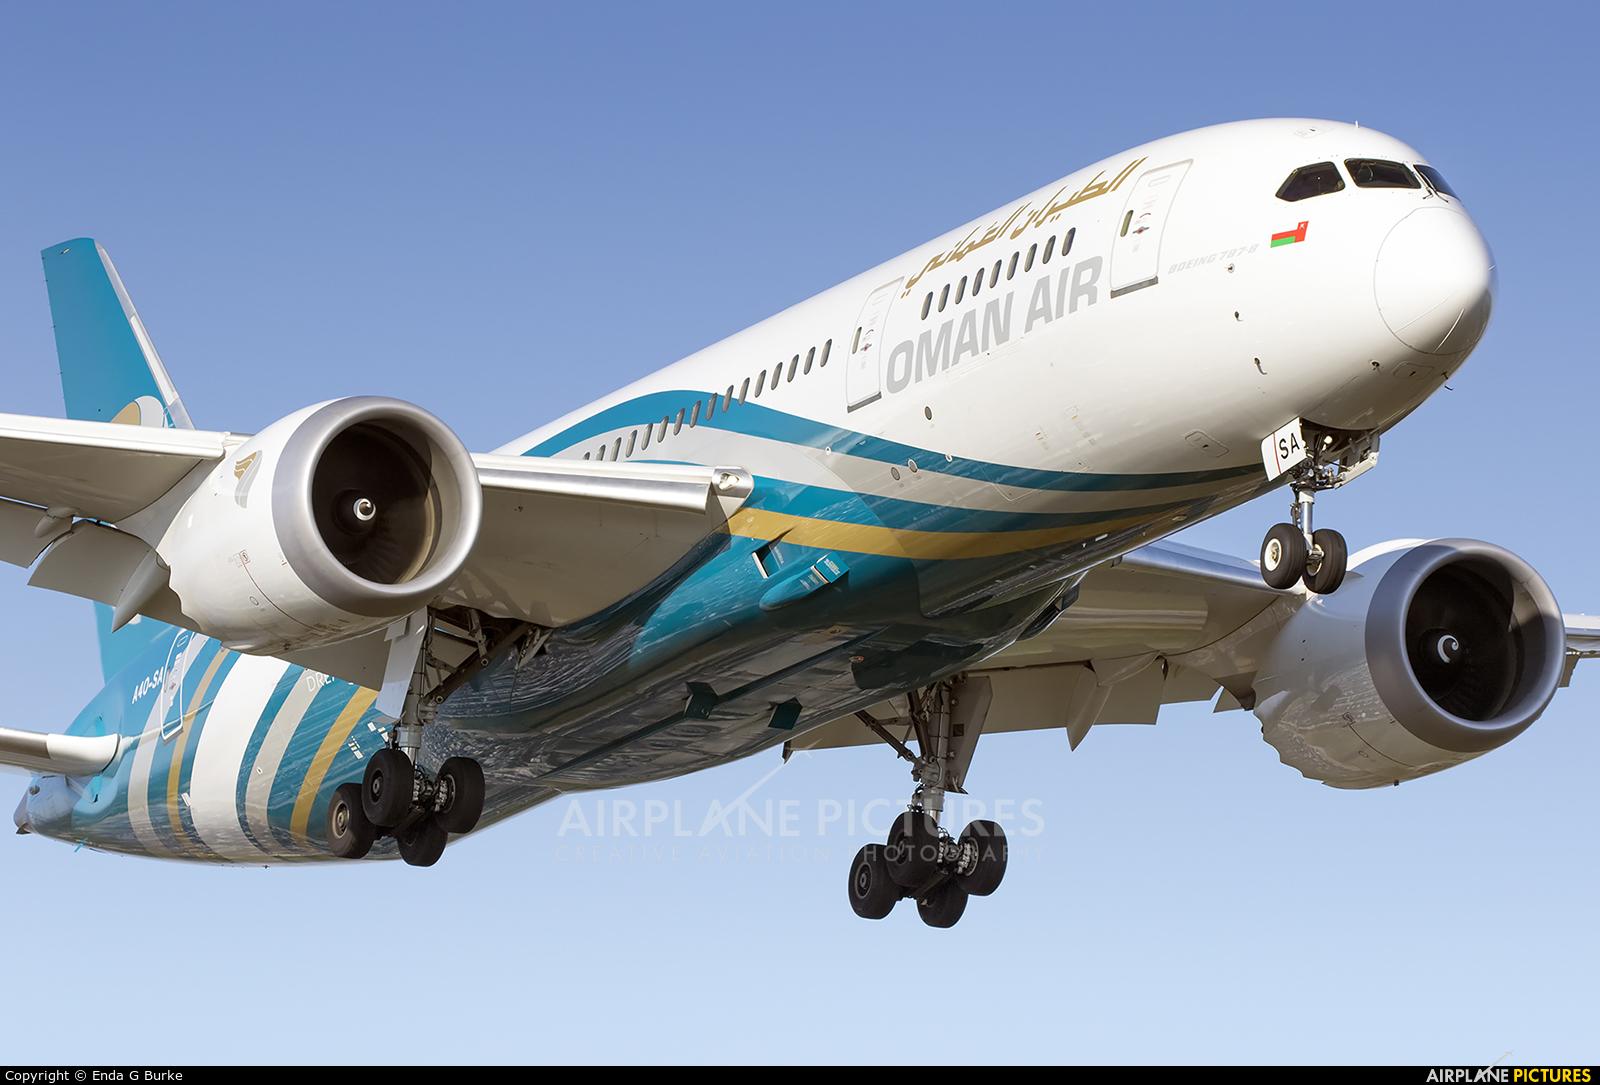 Oman Air A4O-SA aircraft at Manchester